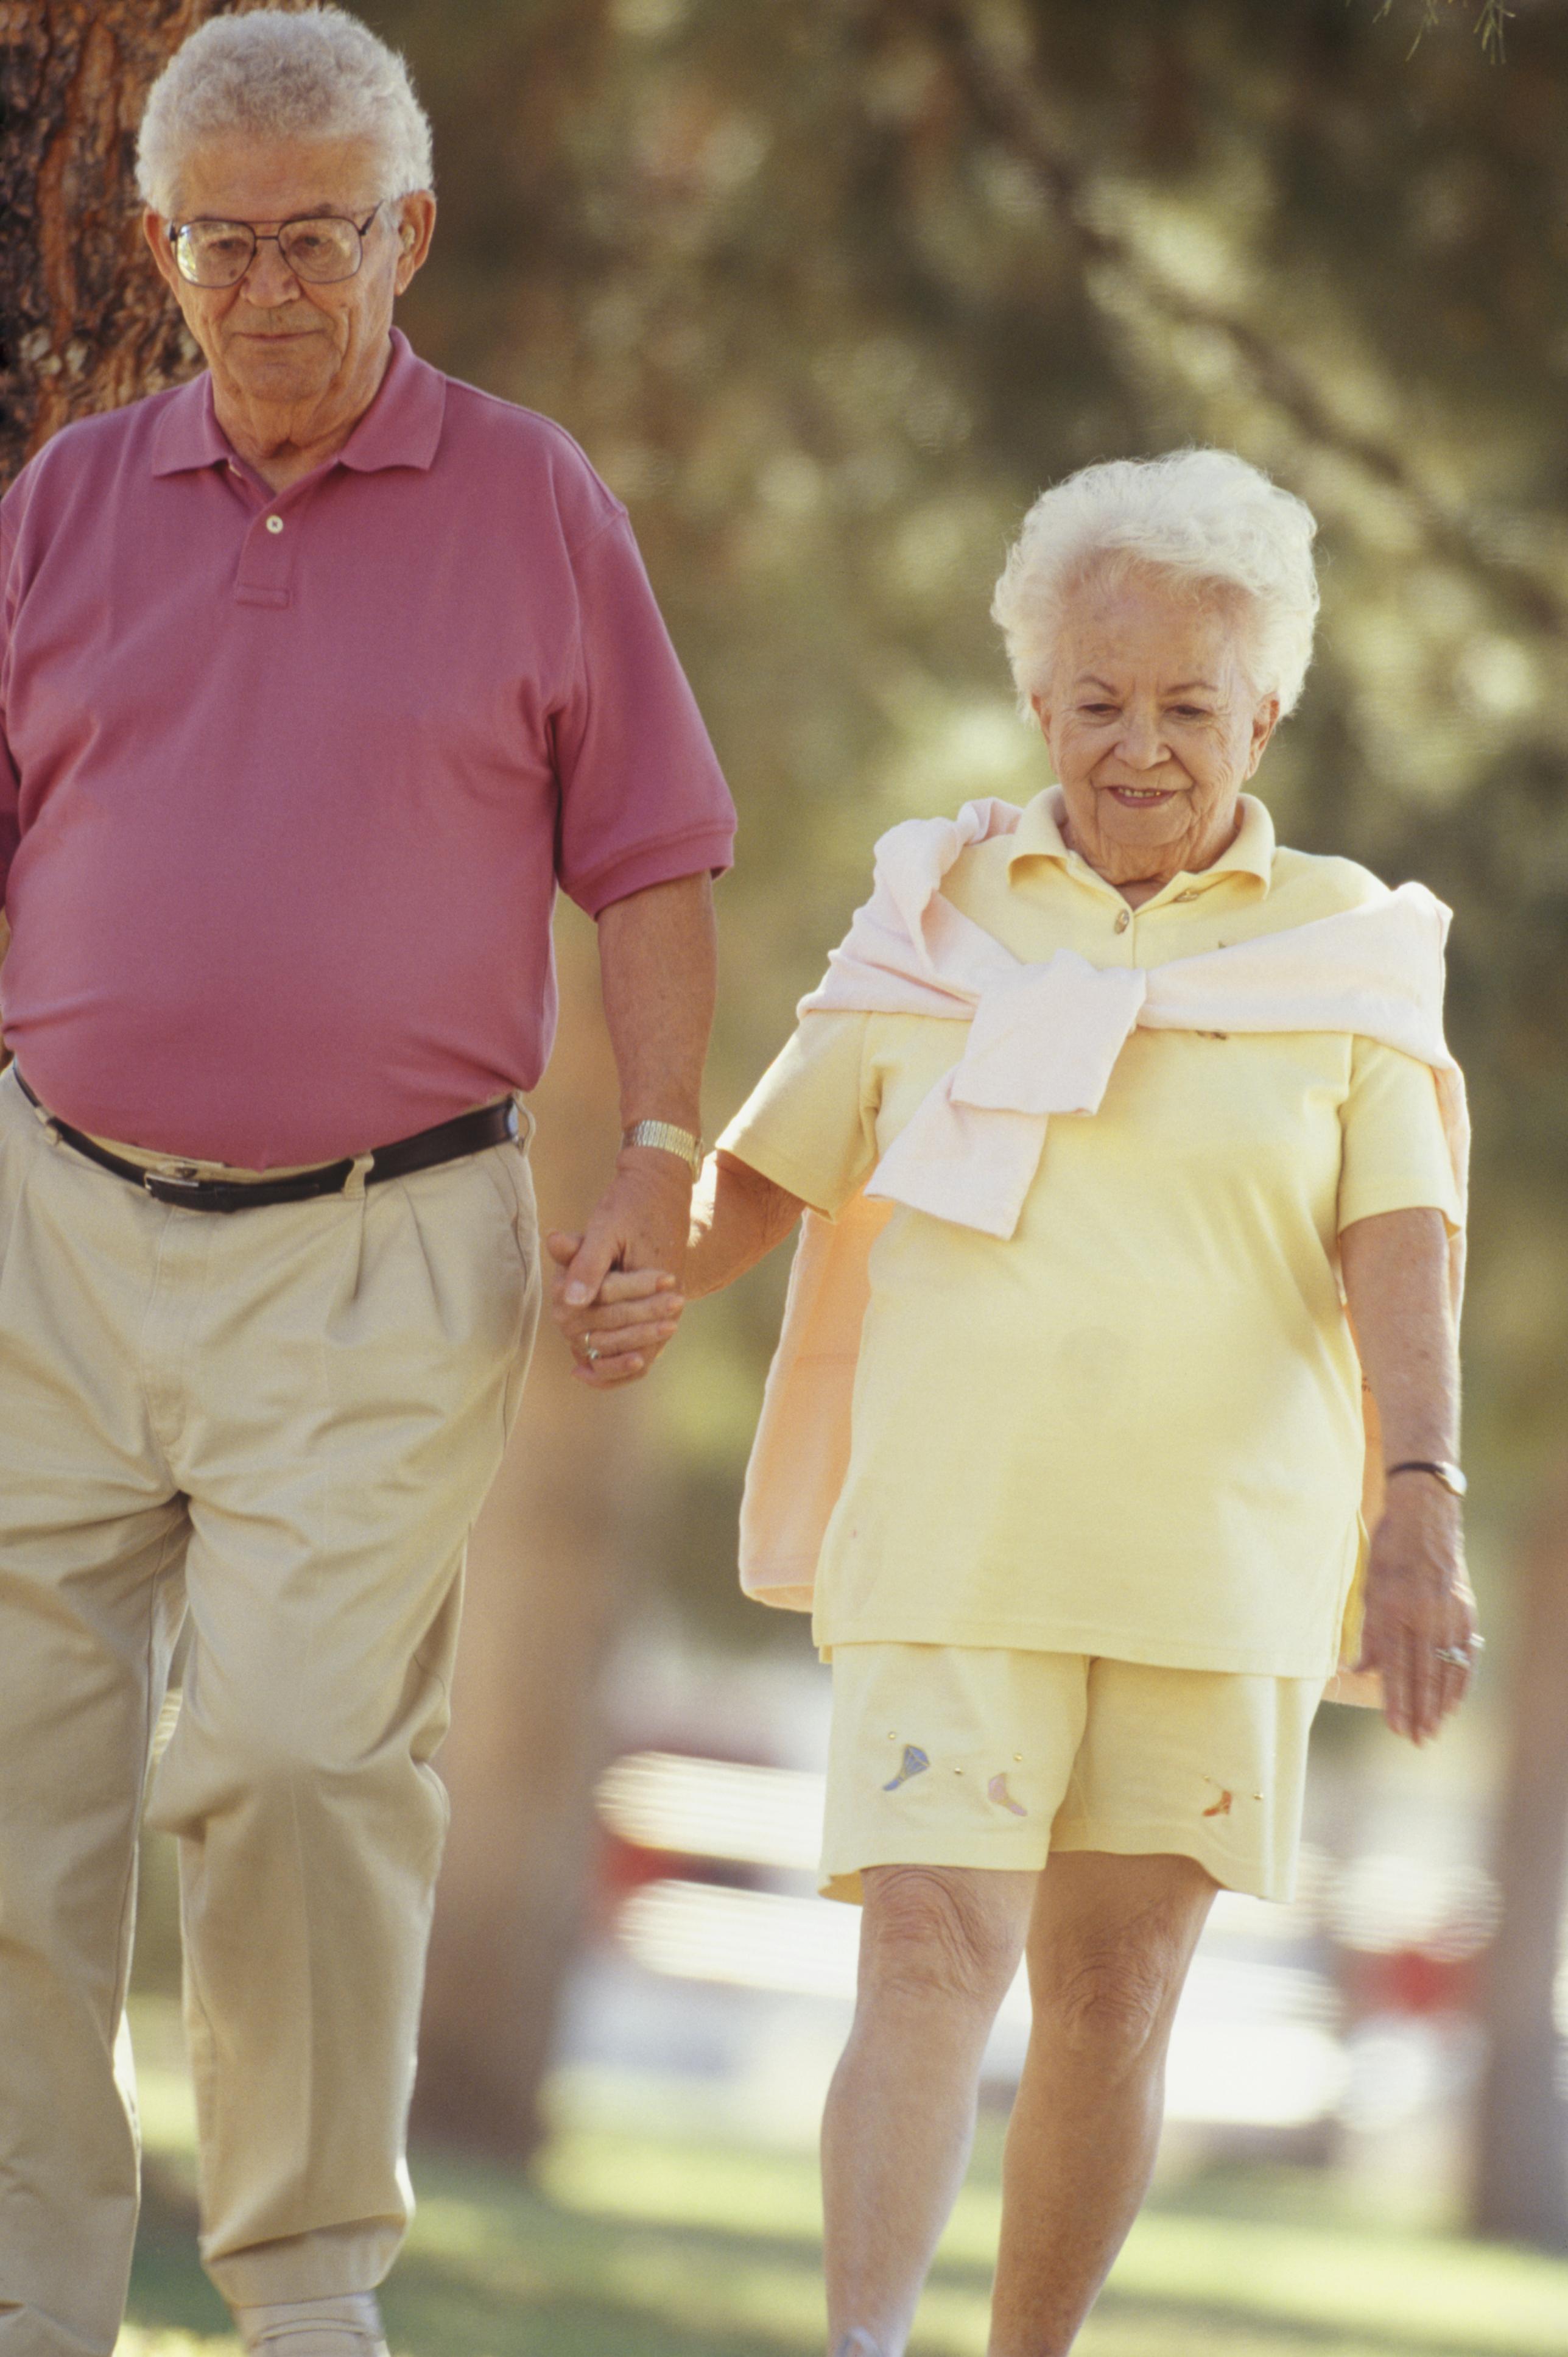 walking_seniors